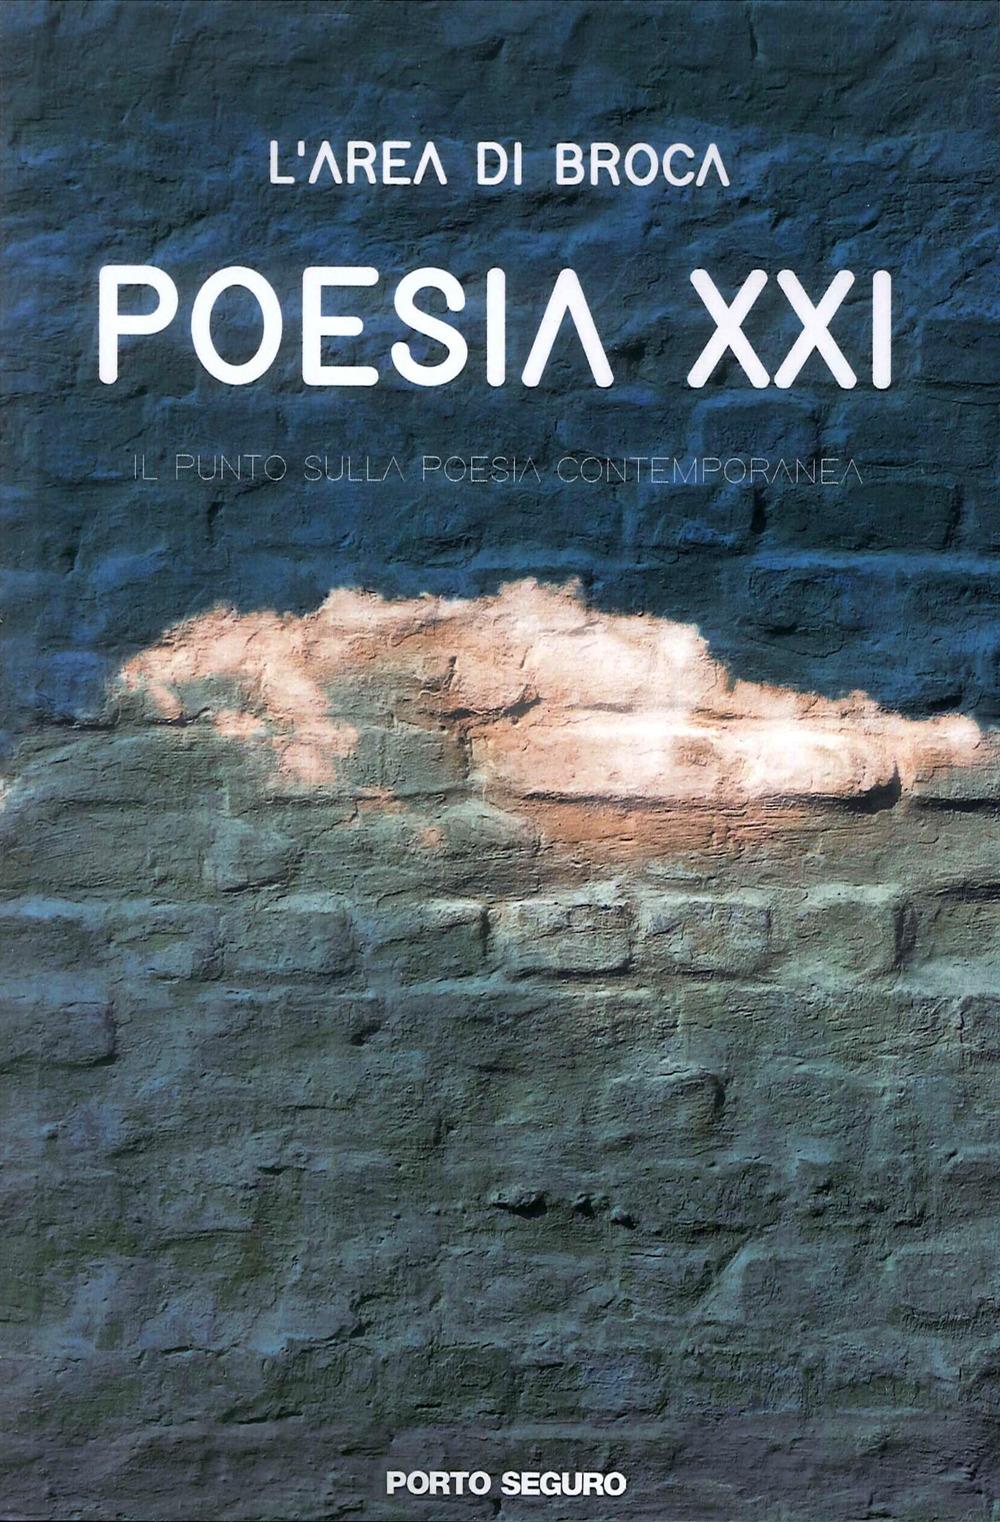 Poesia XXI. L'Area di Broca. il Punto sulla Poesia Contemporanea.